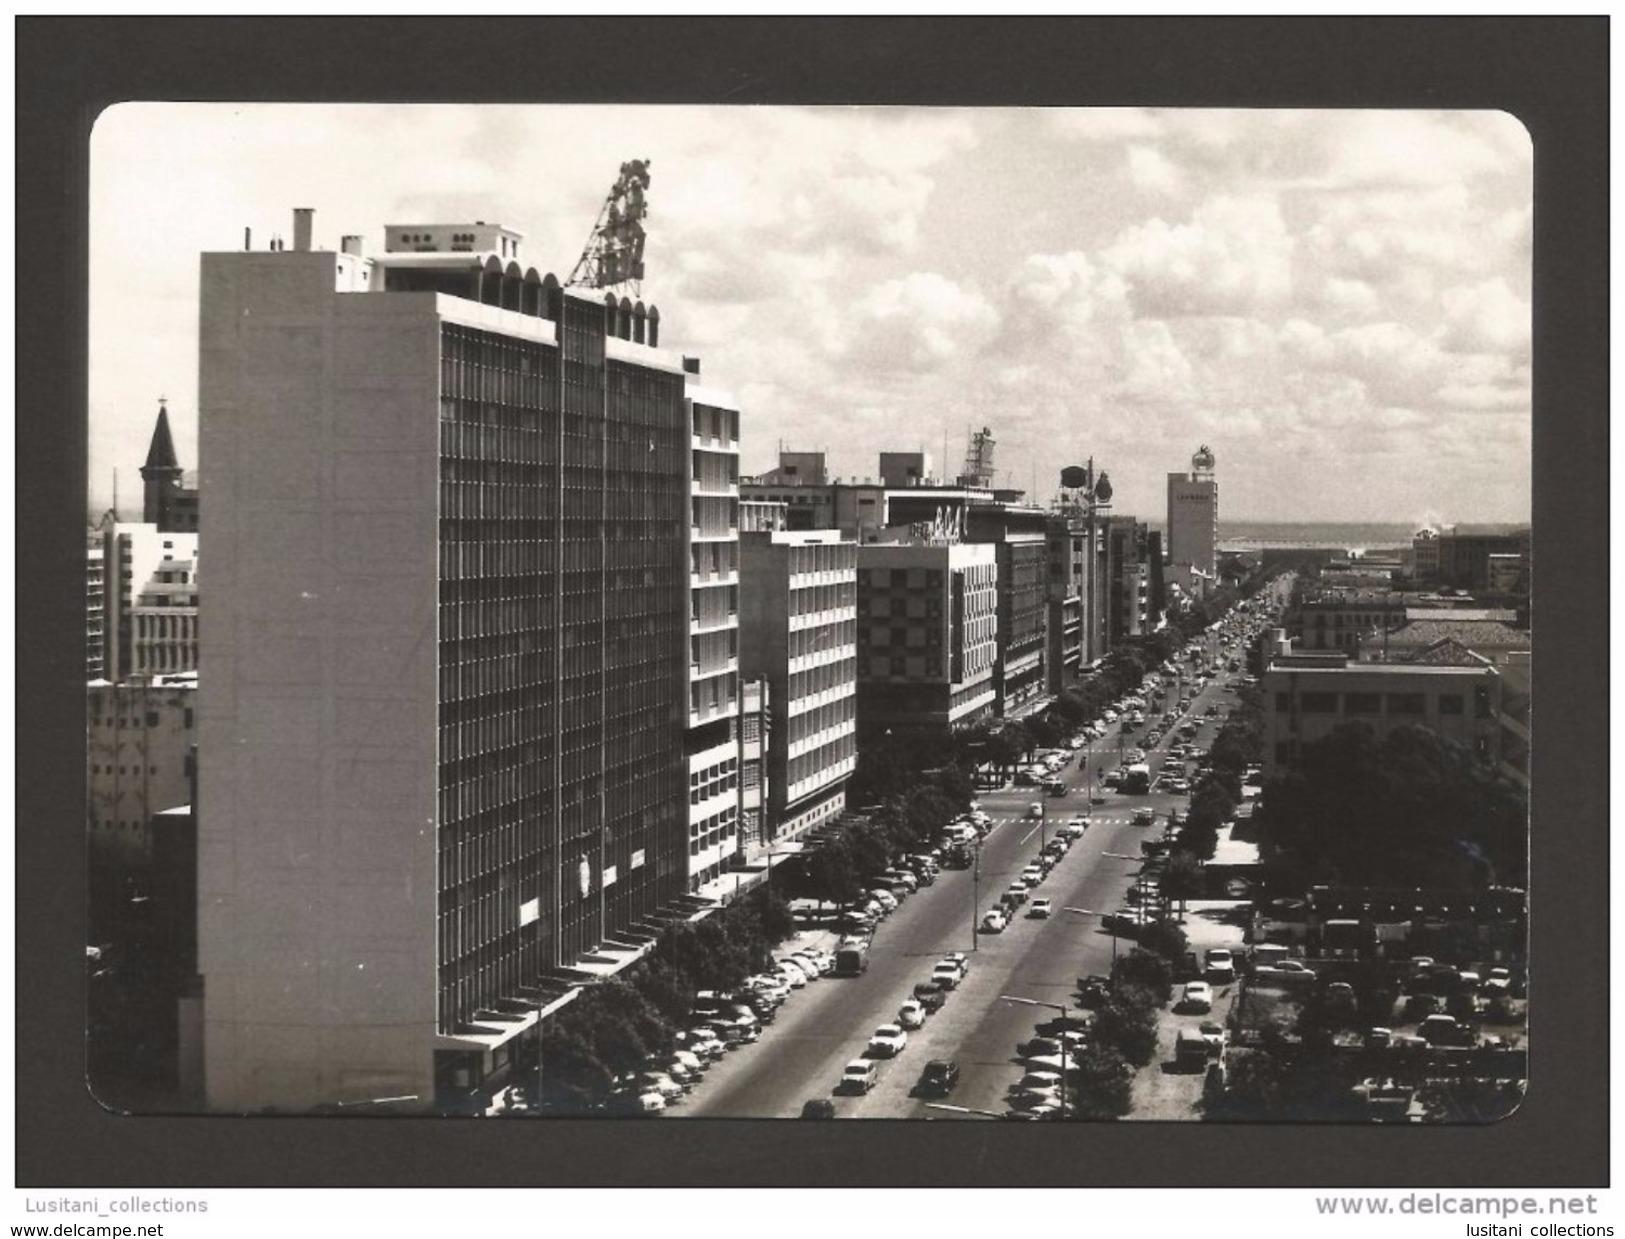 LOURENÇO MARQUES 1950 YEARS MOZAMBIQUE MOÇAMBIQUE STREET SCENE & CLASSIC CAR CARS AFRICA AFRIKA AFRIQUE POSTCARD - Mozambique